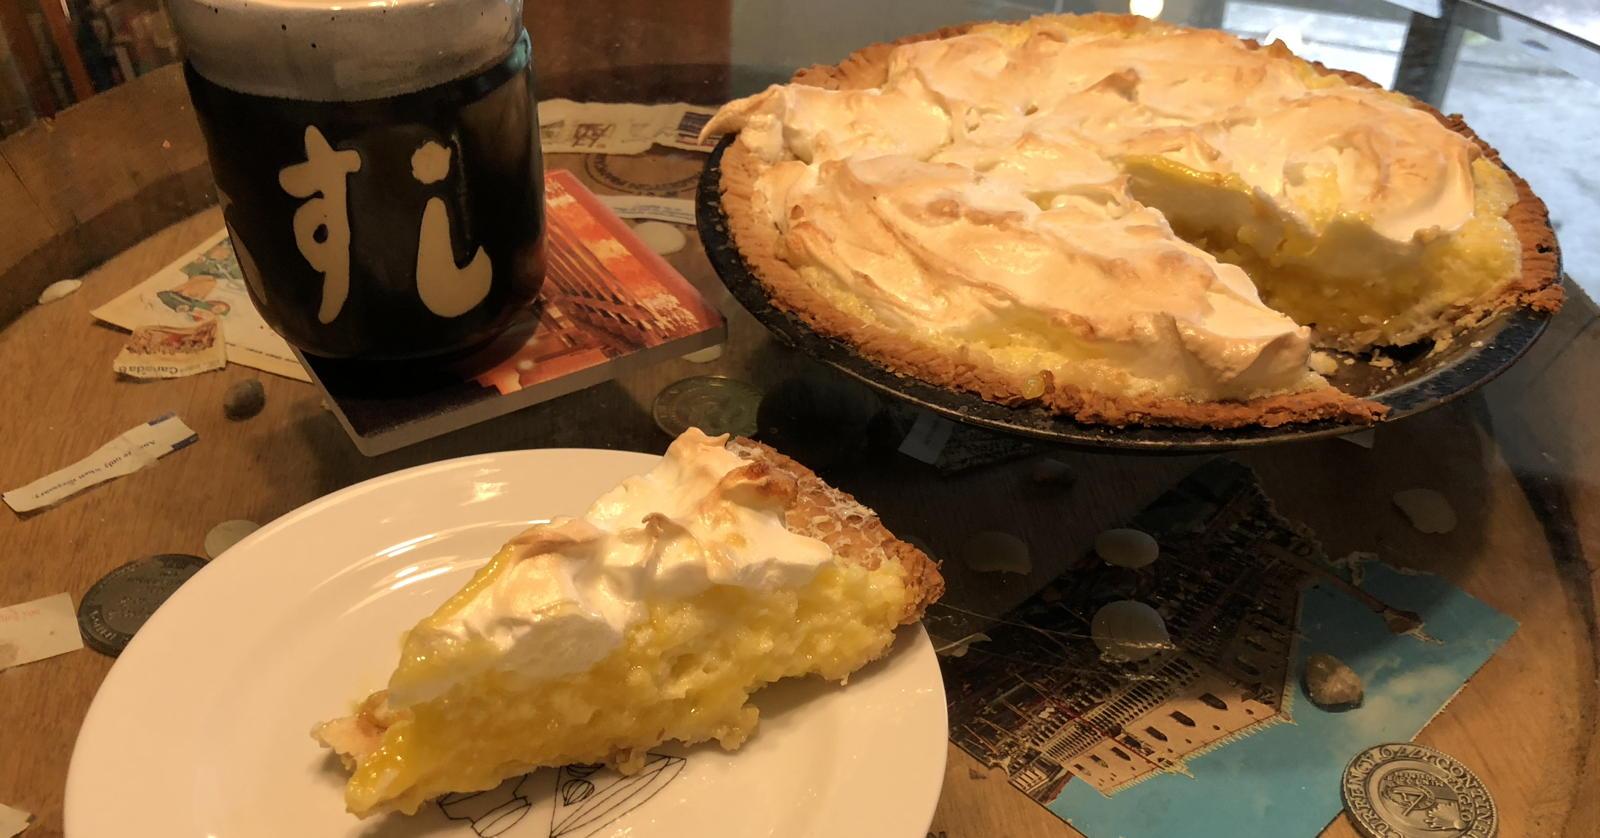 Perfect lemon pie and slice